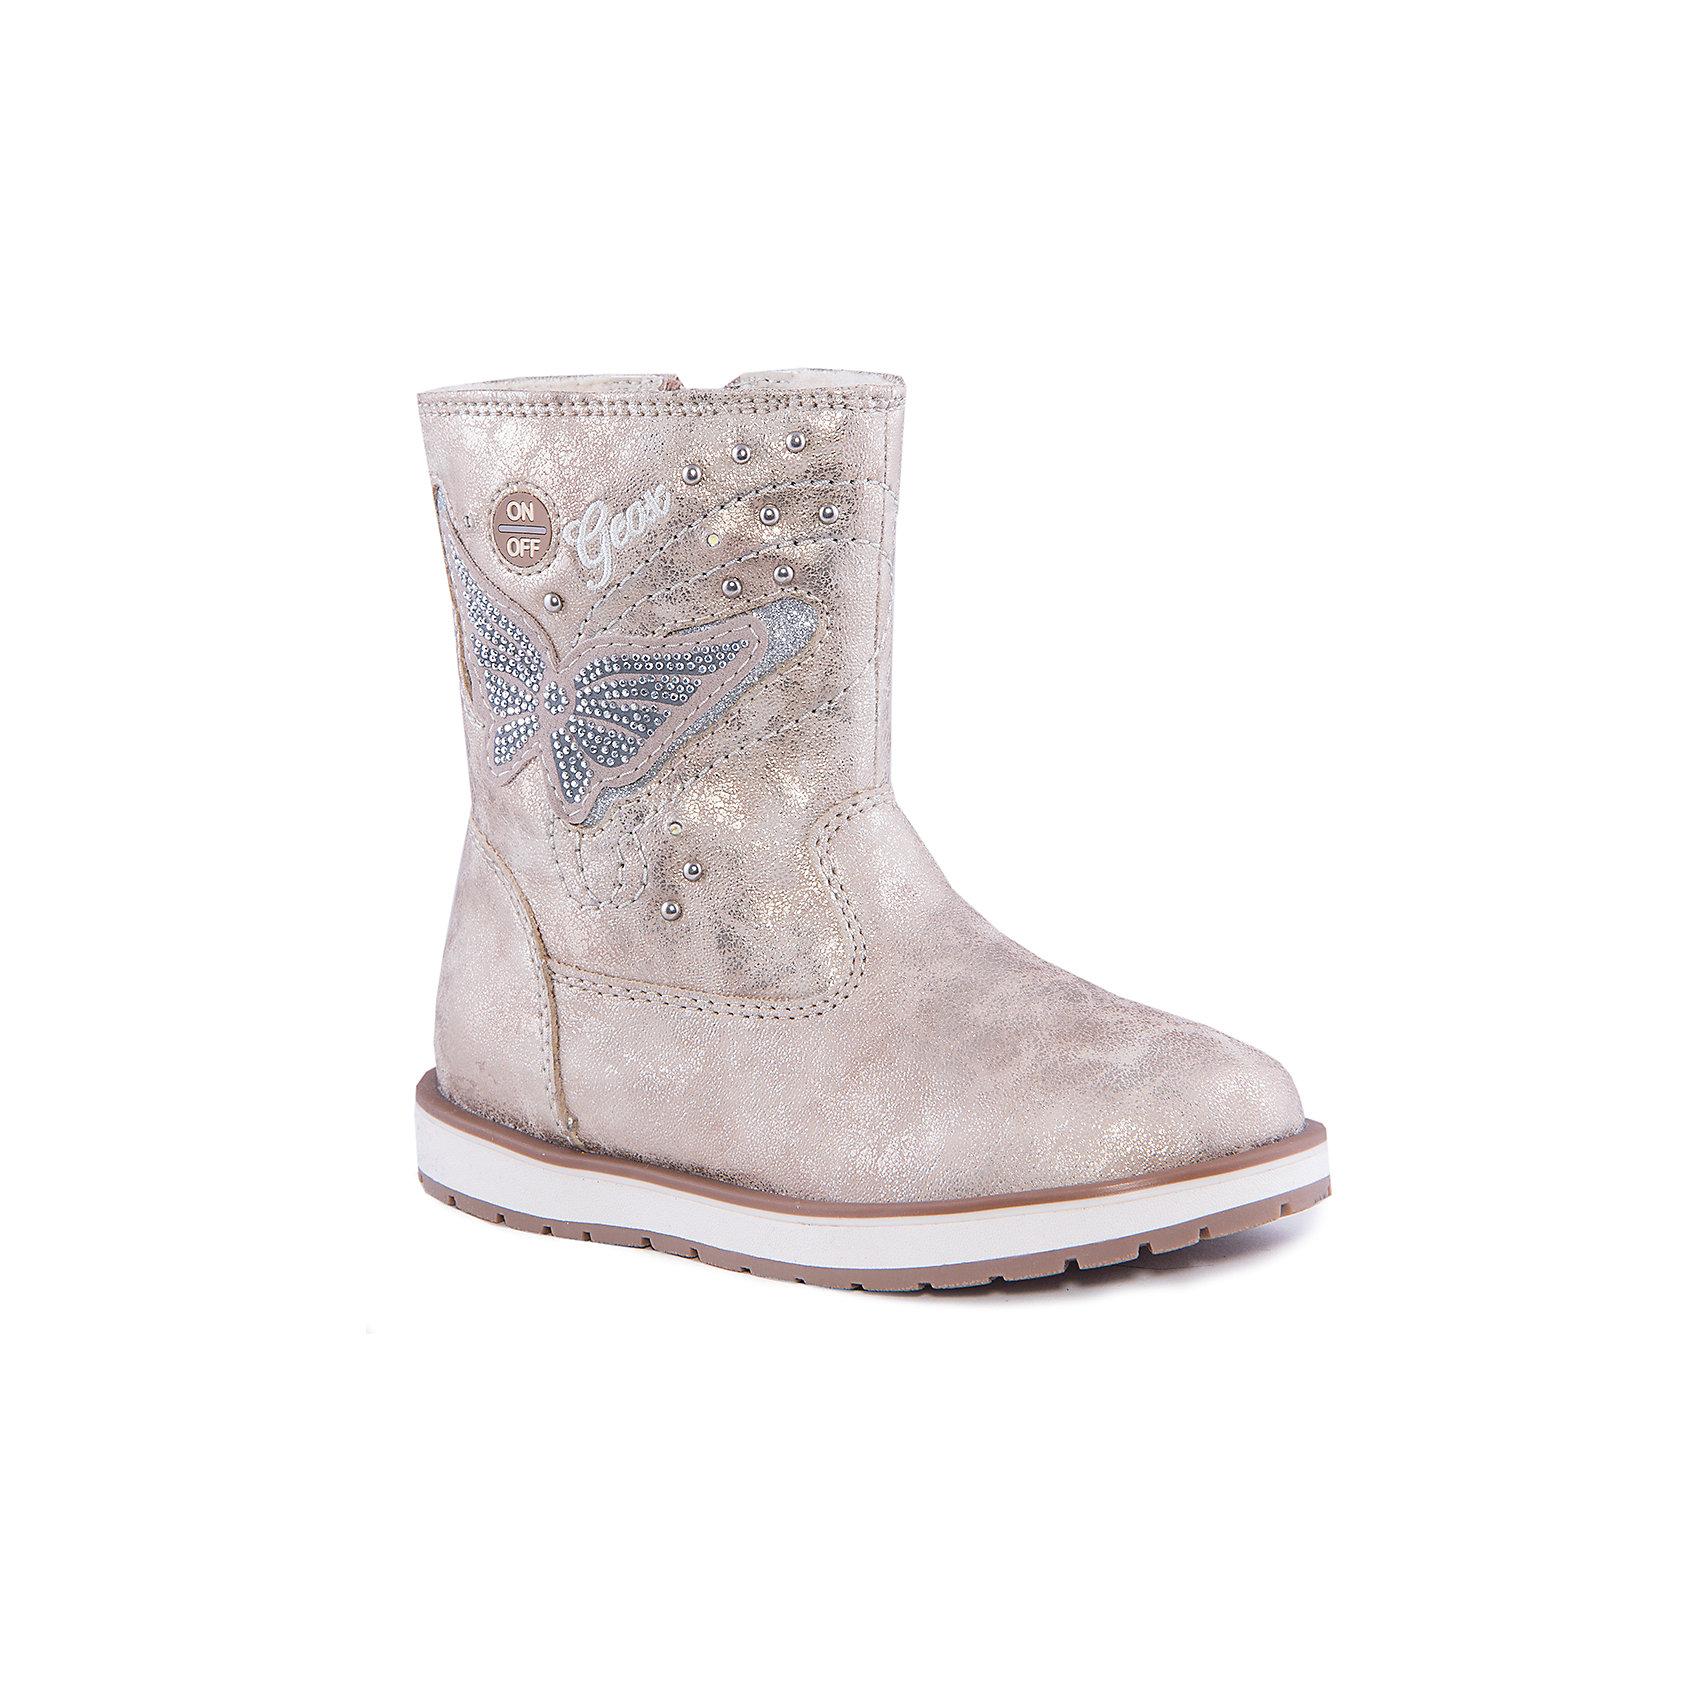 Полусапожки для девочки GEOXПолусапожки для девочки от популярной марки GEOX.<br><br>Очень красивые и стильные полусапожки сделаны из блестящего материала, украшены аппликацией в виде бабочки и стразами. Только для самых модных девочек!<br>Производитель обуви GEOX разработал специальную дышащую подошву, которая не пропускает влагу внутрь, а также высокотехнологичную стельку.<br><br>Отличительные особенности модели:<br><br>- цвет: бежевый;<br>- форма угги;<br>- гибкая водоотталкивающая подошва с дышащей мембраной;<br>- мягкий и легкий верх;<br>- защита пятки и пальцев;<br>- эргономичная форма;<br>- удобная застежка-молния сбоку, шнуровка;<br>- комфортное облегание;<br>- ударопрочная антибактериальная стелька;<br>- верх обуви и подкладка сделаны без использования хрома.<br><br>Дополнительная информация:<br><br>- Температурный режим: от -15° С  до +5° С.<br><br>- Состав:<br><br>материал верха: текстиль<br>материал подкладки: текстиль<br>подошва: полимер<br>Полусапожки для девочки GEOX (Геокс) можно купить в нашем магазине.<br><br>Ширина мм: 257<br>Глубина мм: 180<br>Высота мм: 130<br>Вес г: 420<br>Цвет: бежевый<br>Возраст от месяцев: 48<br>Возраст до месяцев: 60<br>Пол: Женский<br>Возраст: Детский<br>Размер: 31,28,34,30,32,33,35,29<br>SKU: 4178789